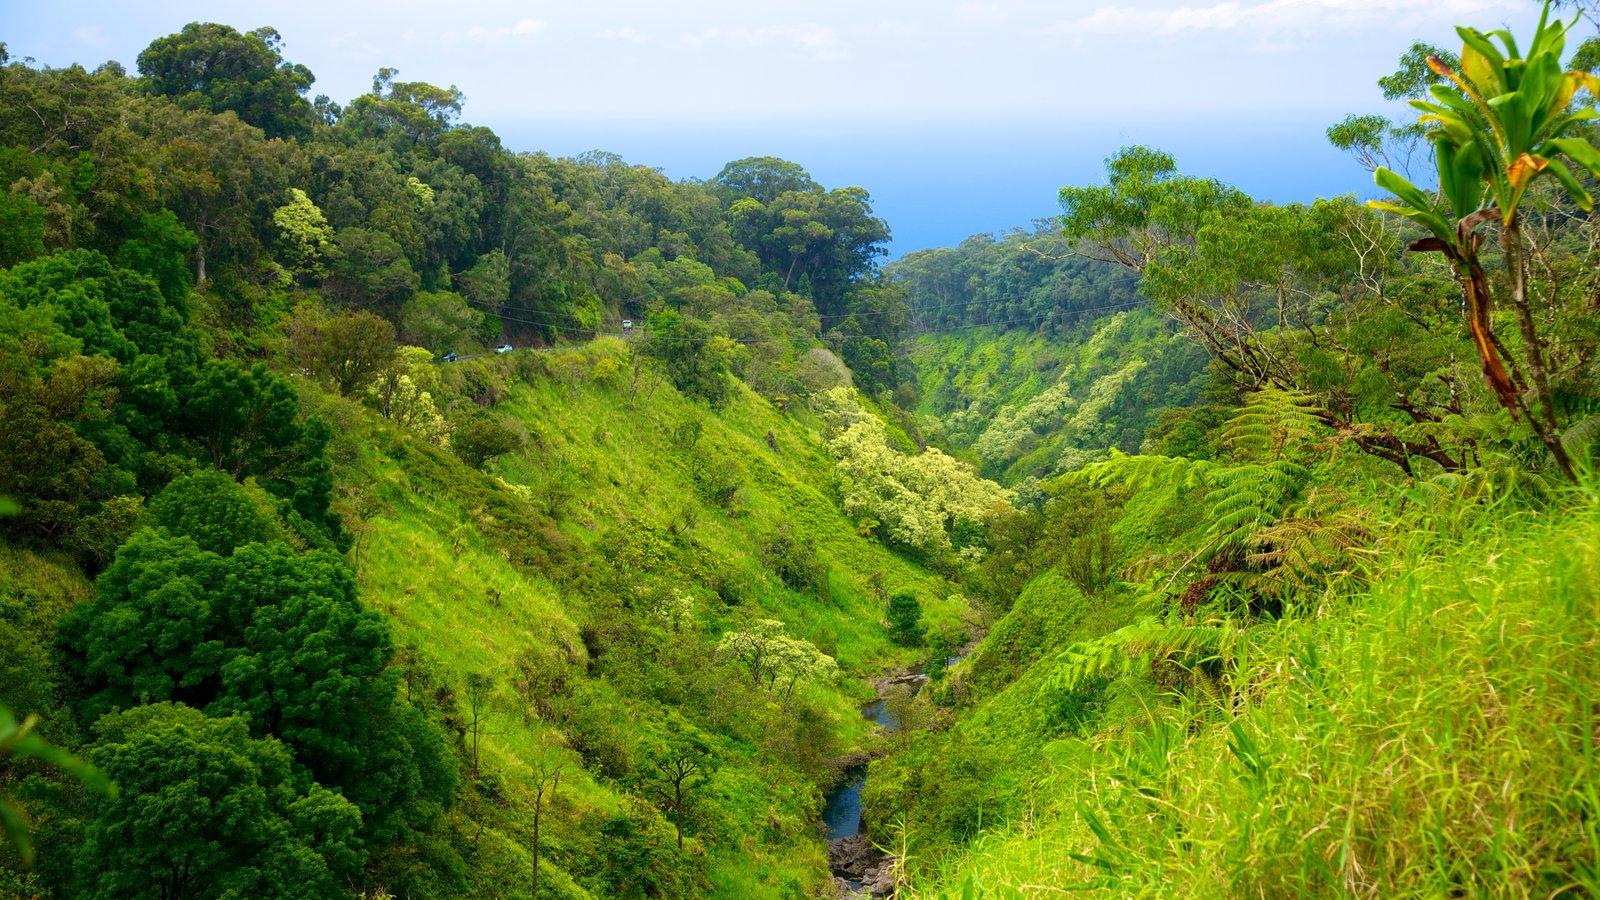 Isla de Maui ofreciendo vistas de paisajes y escenas forestales